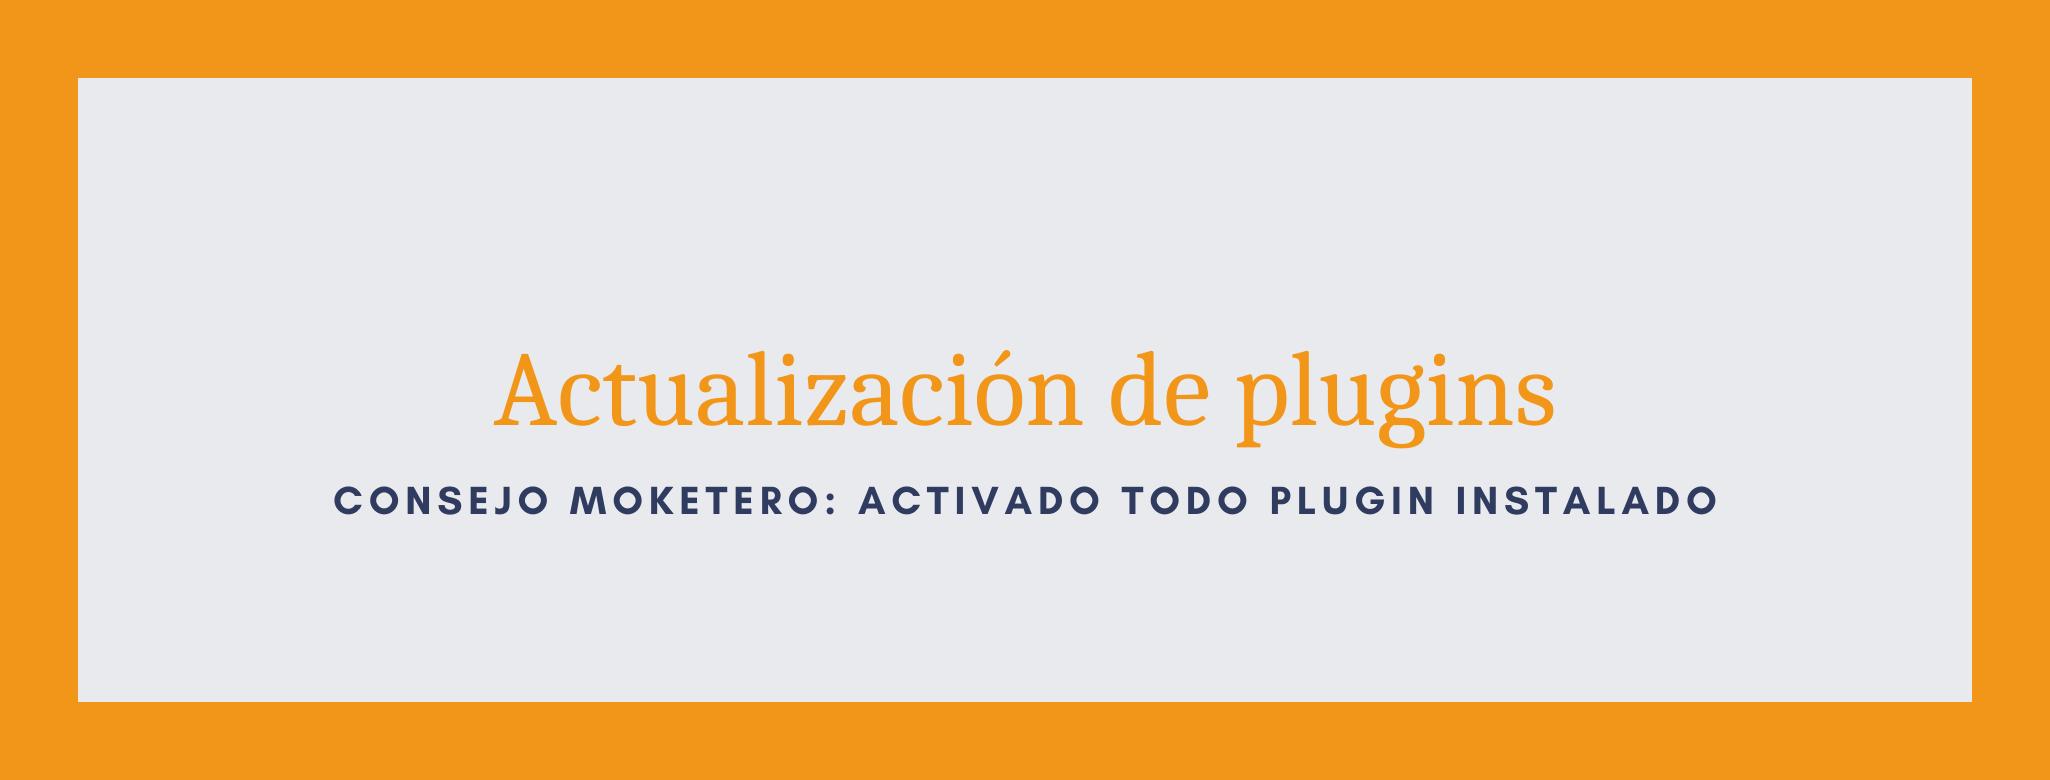 Actualización de plugins para el servicio de mantenimiento web de wordpress